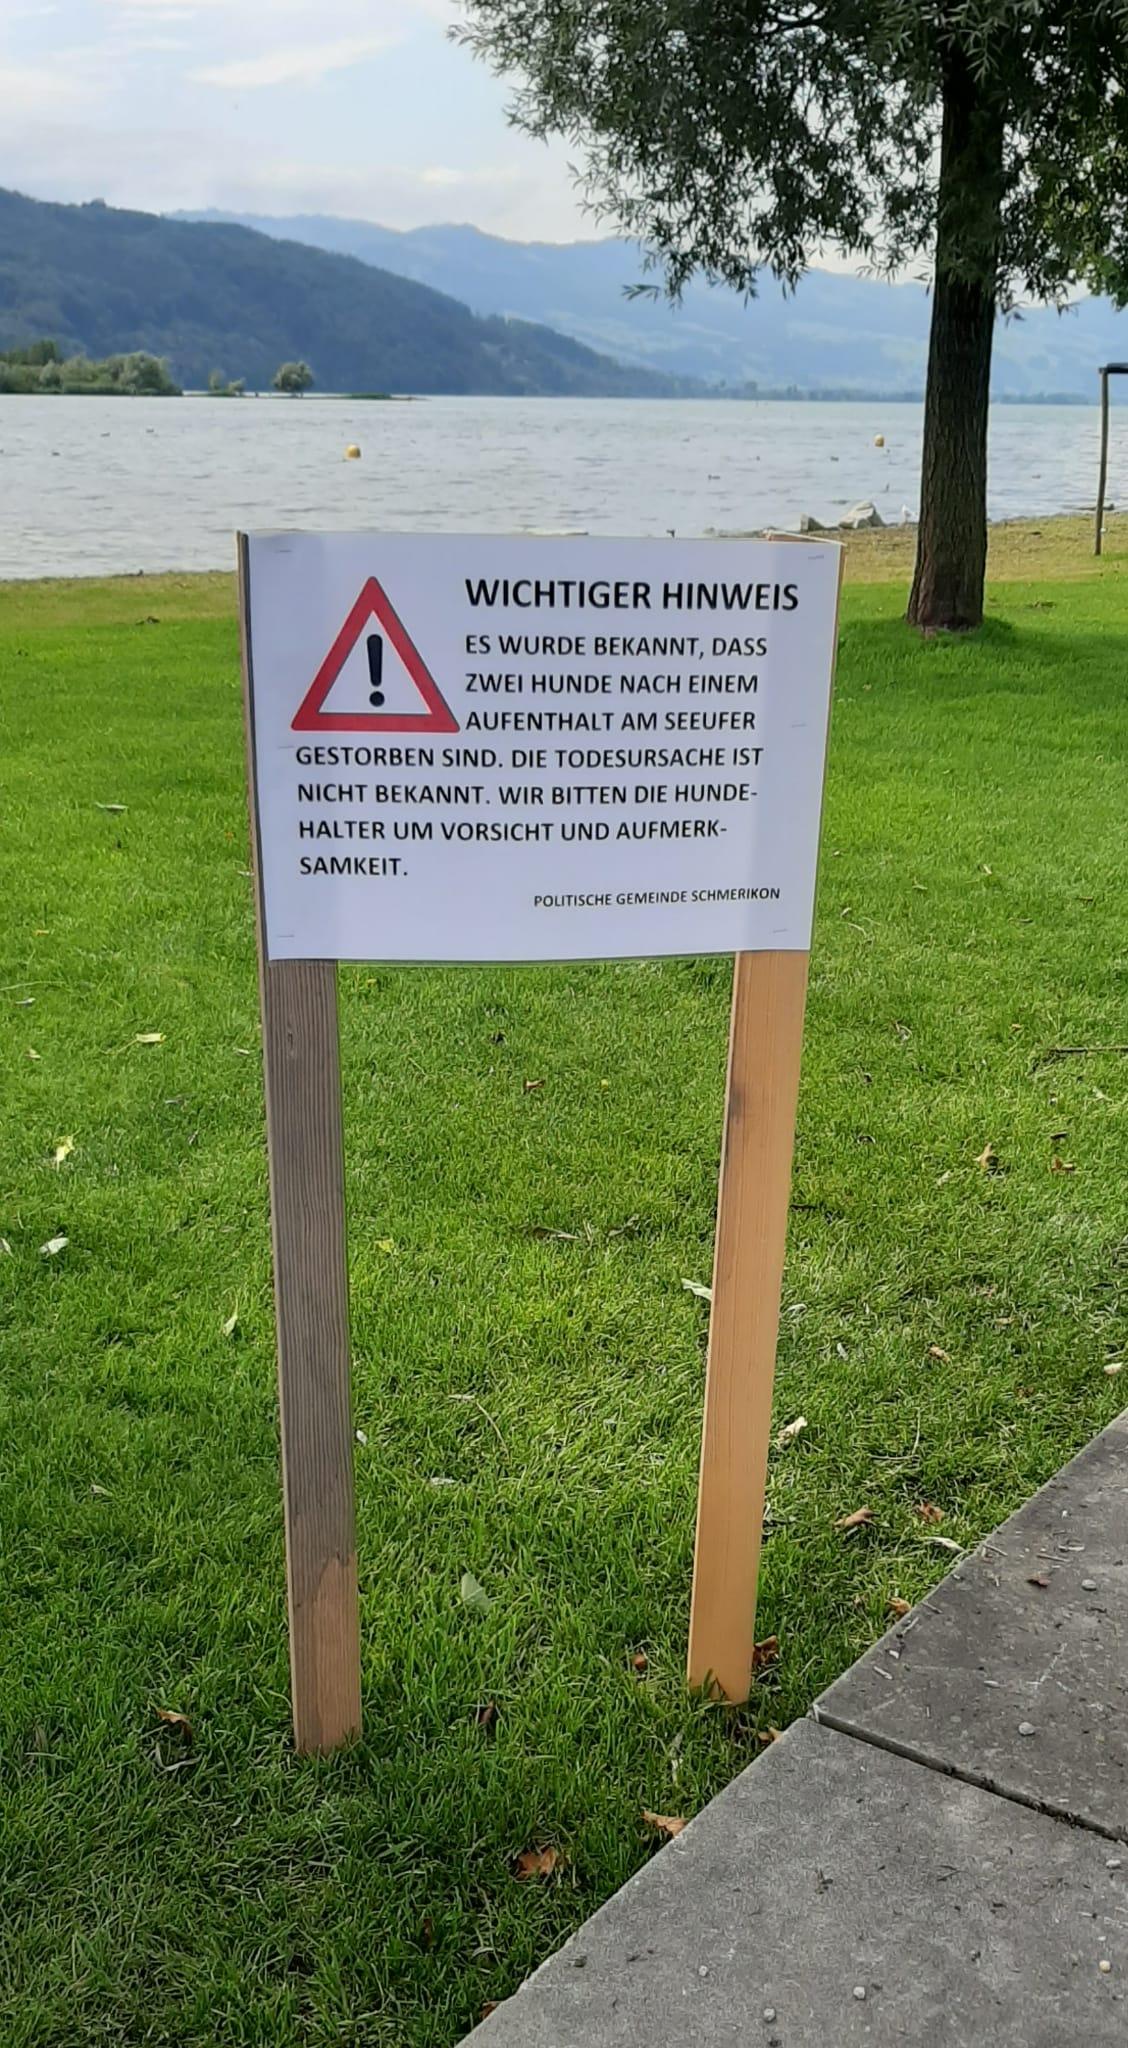 Hinweisschild der Gemeinde in der Seeanlage Schmerikon am 26.07.2021 (Foto: Renate Ammann)